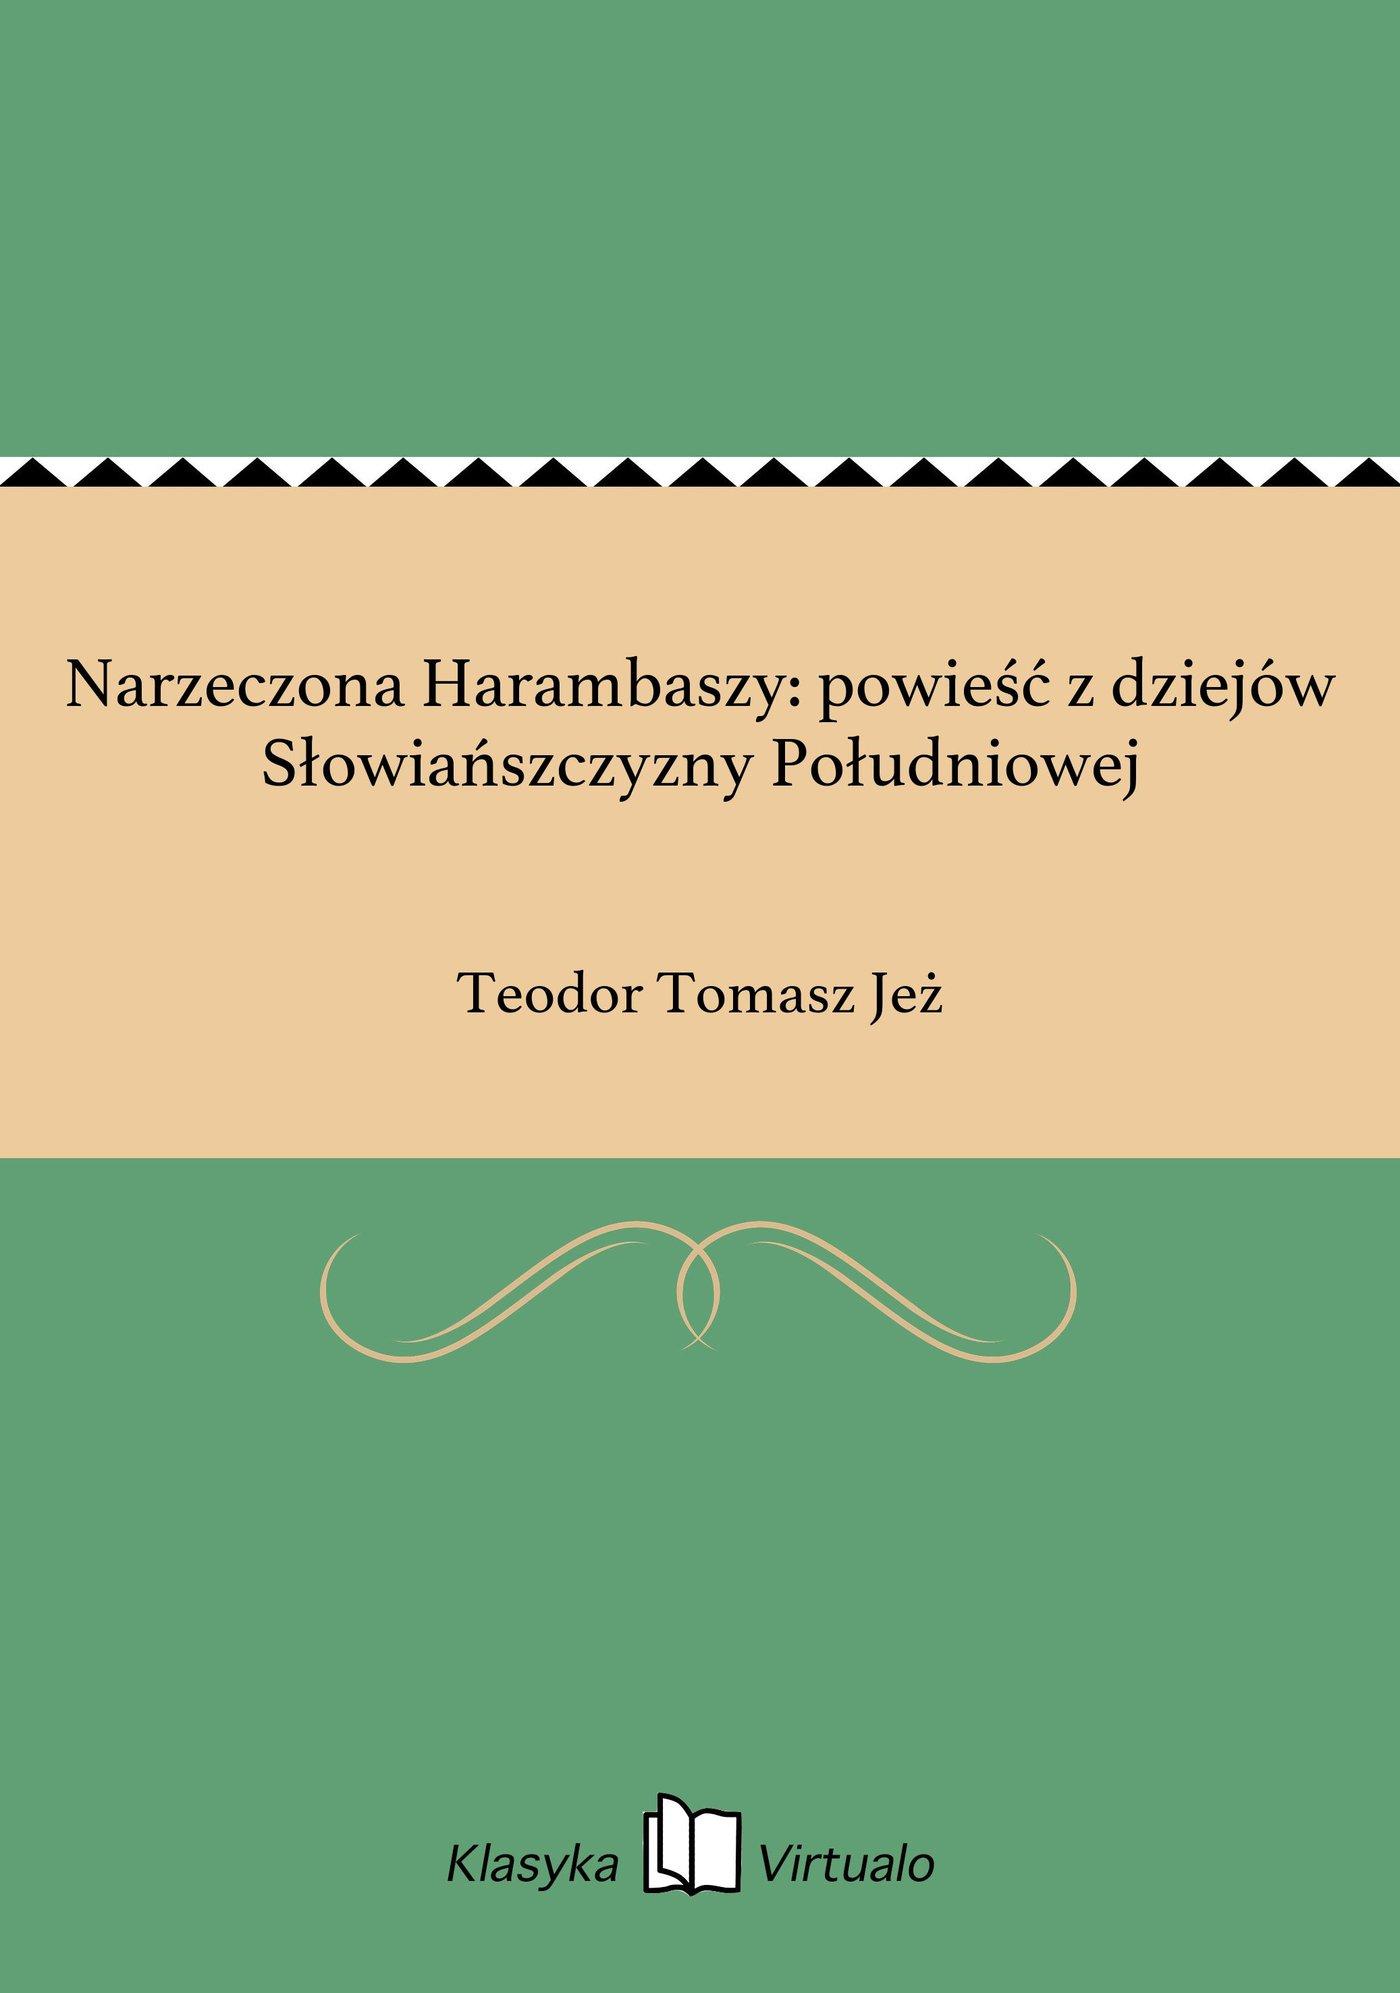 Narzeczona Harambaszy: powieść z dziejów Słowiańszczyzny Południowej - Ebook (Książka EPUB) do pobrania w formacie EPUB